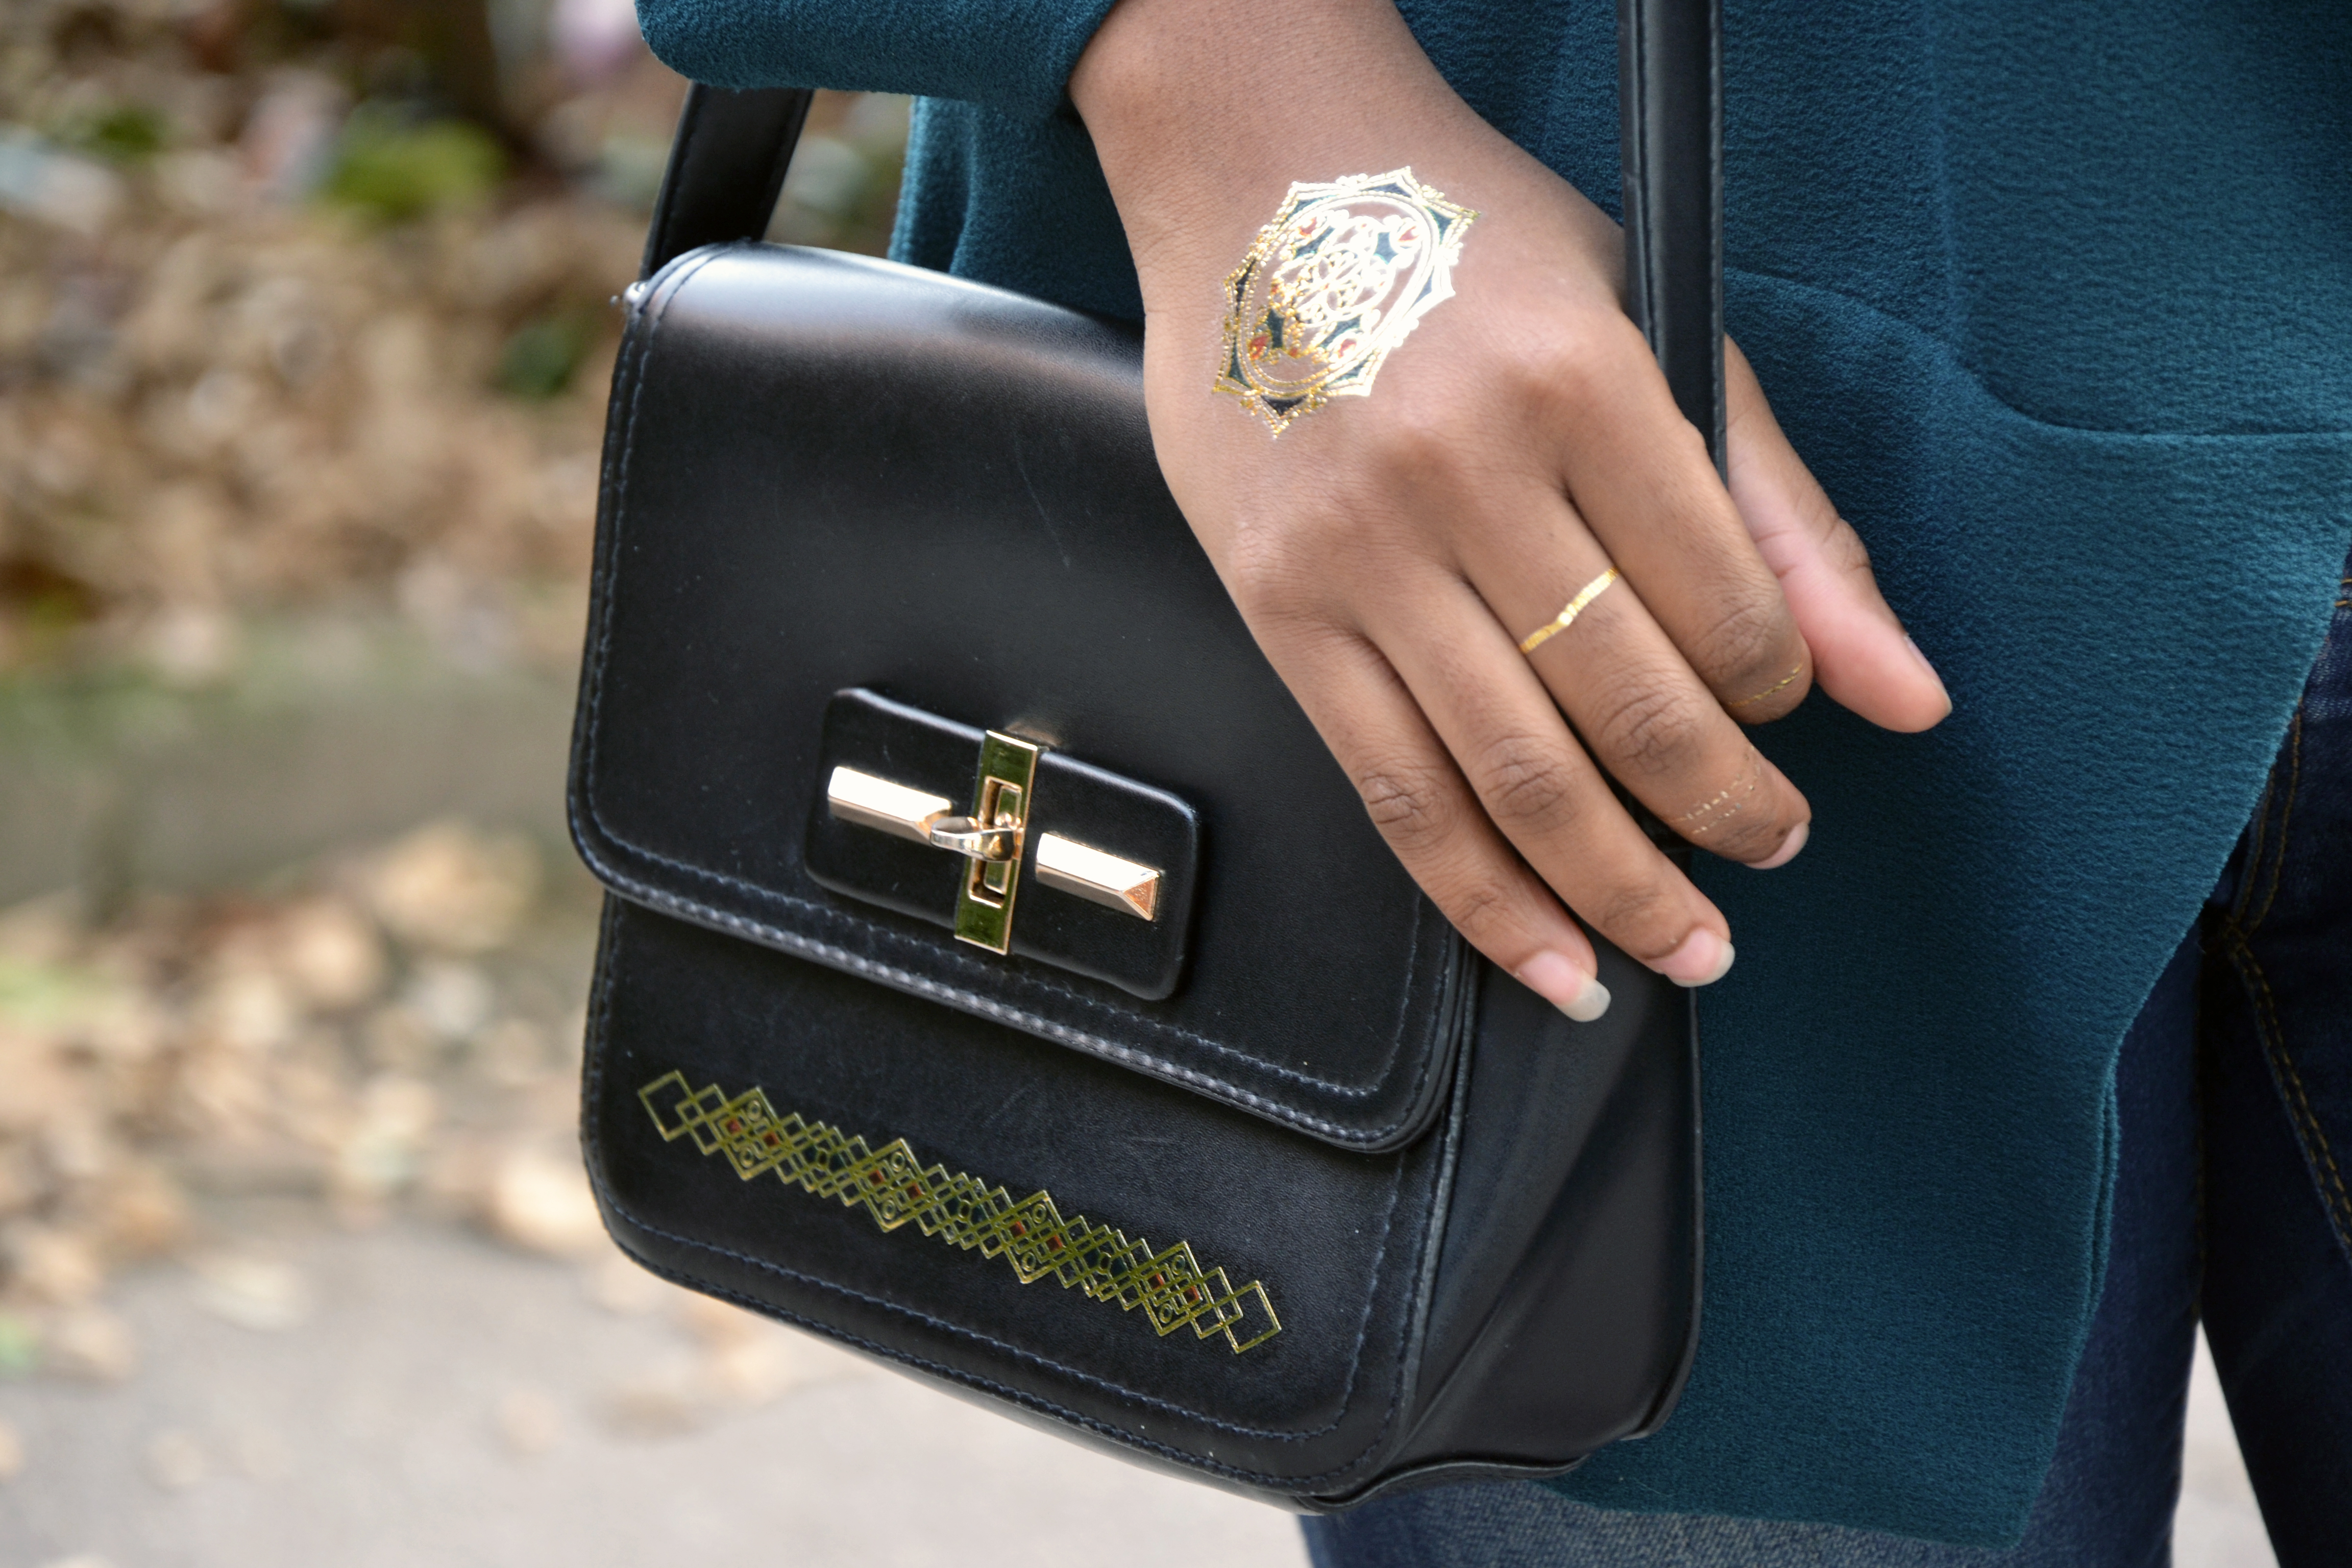 personnaliser un sac en cuir soi-même